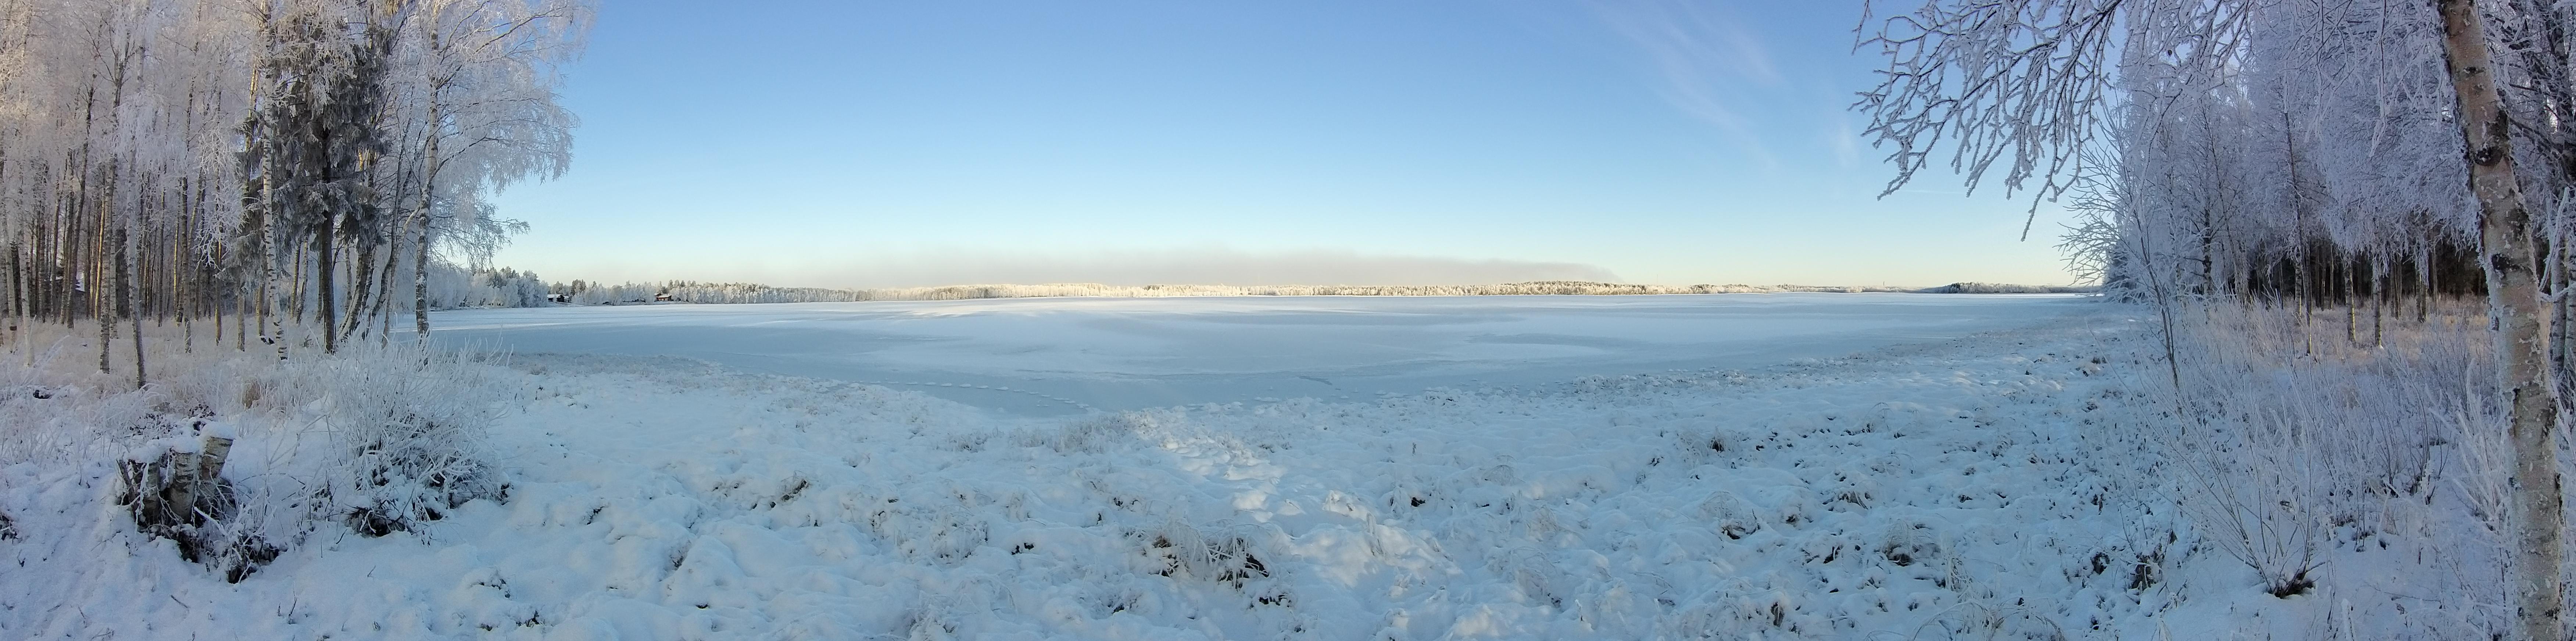 Panoraama Pyykösjärvestä talvella. Rantakoivikot vasemmalla ja oikealla. Aurinko valaisee vastarannan metsikköä.